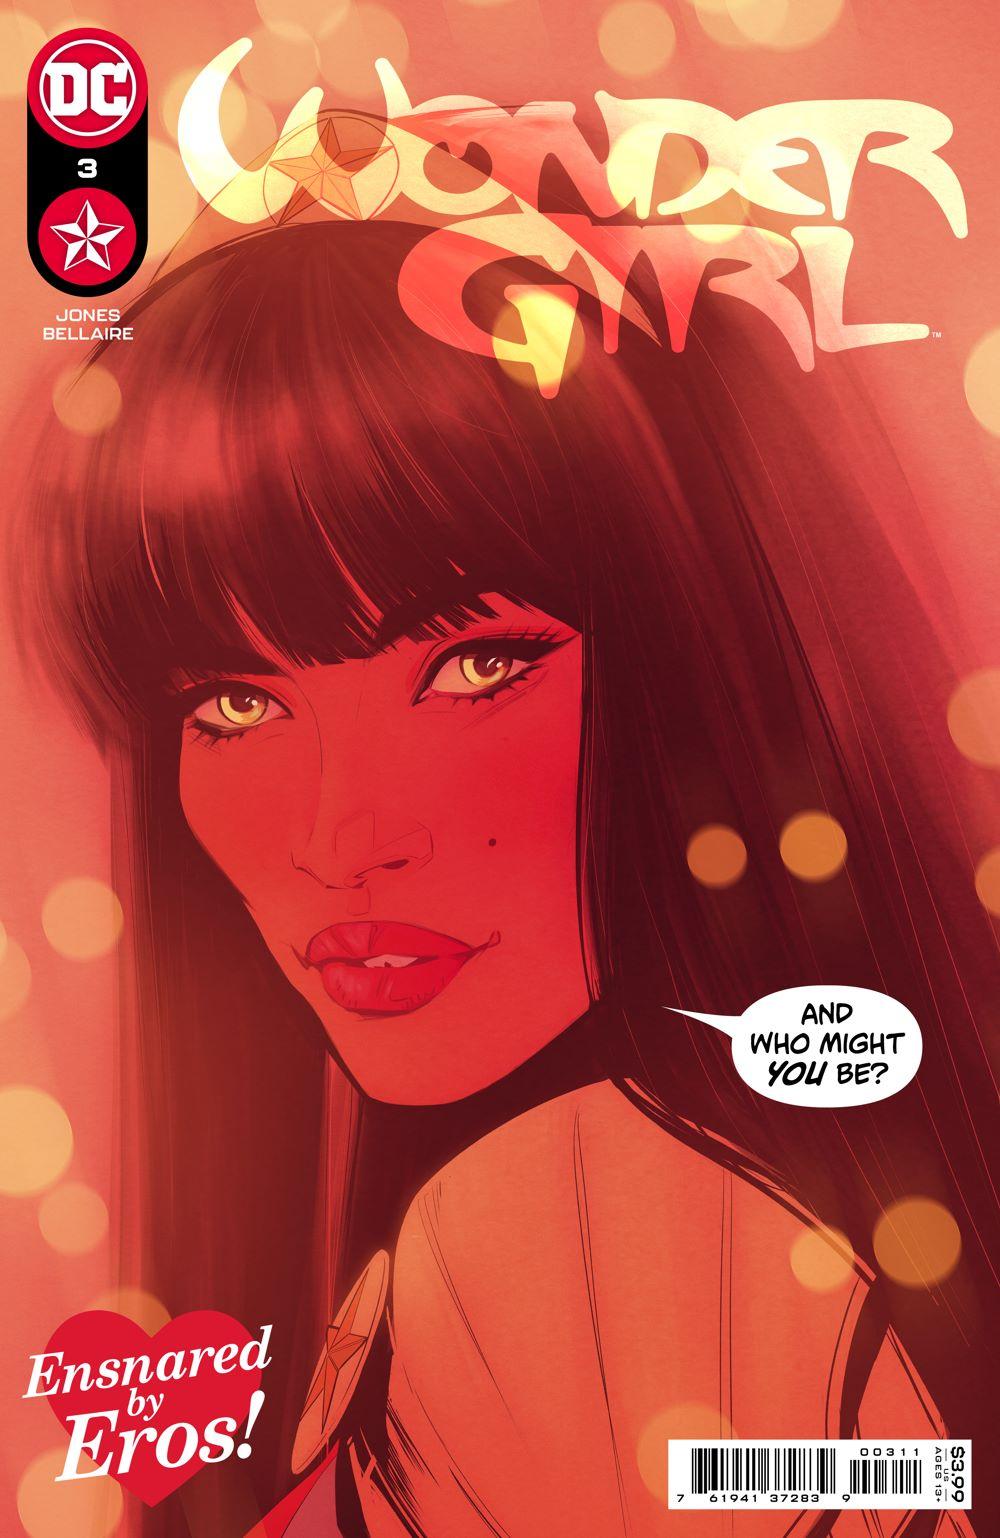 WG_Cv3 DC Comics July 2021 Solicitations